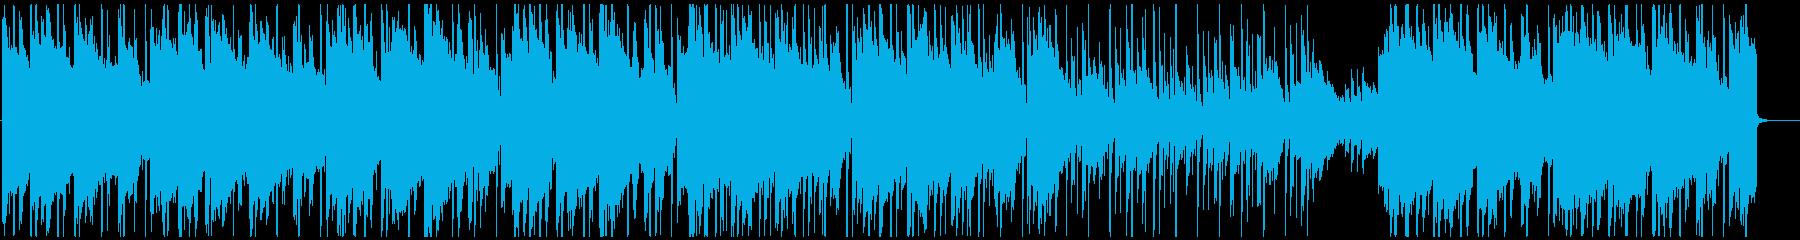 チルアウト 切ないR&B HIPHOPの再生済みの波形